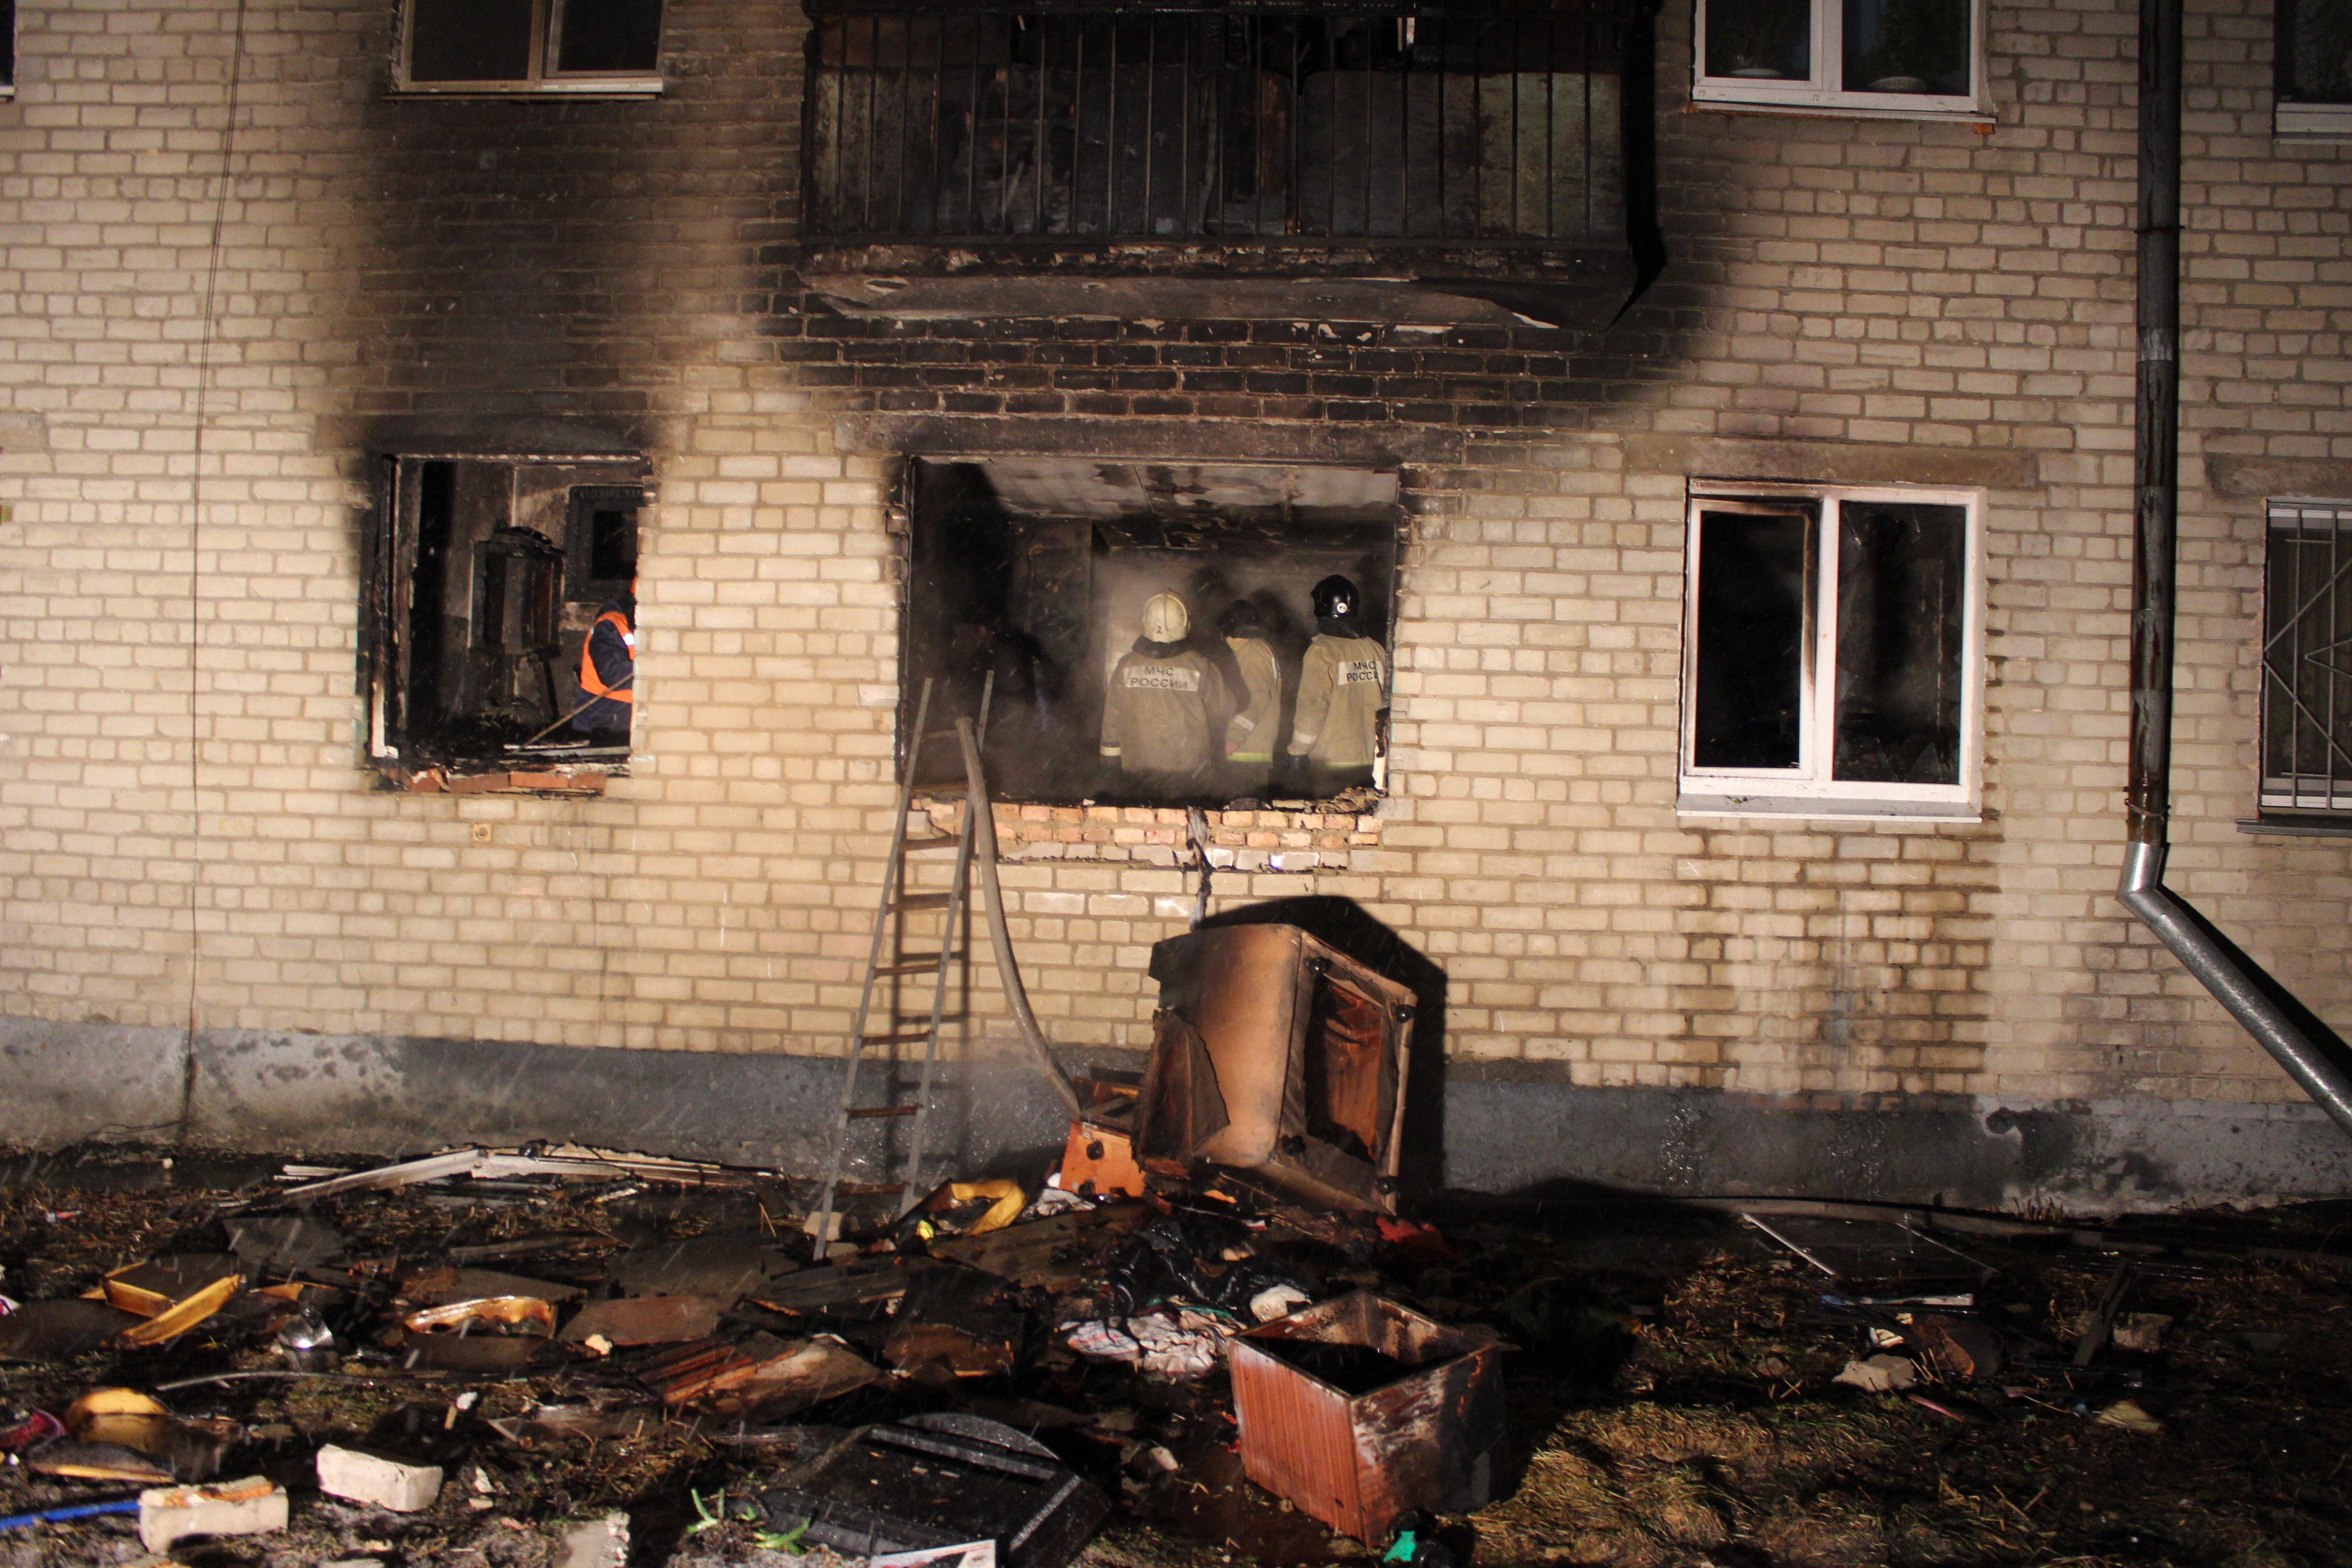 Услышал взрыв и бросился в огонь: пенсионеров из квартиры на ВИЗе спас случайный прохожий